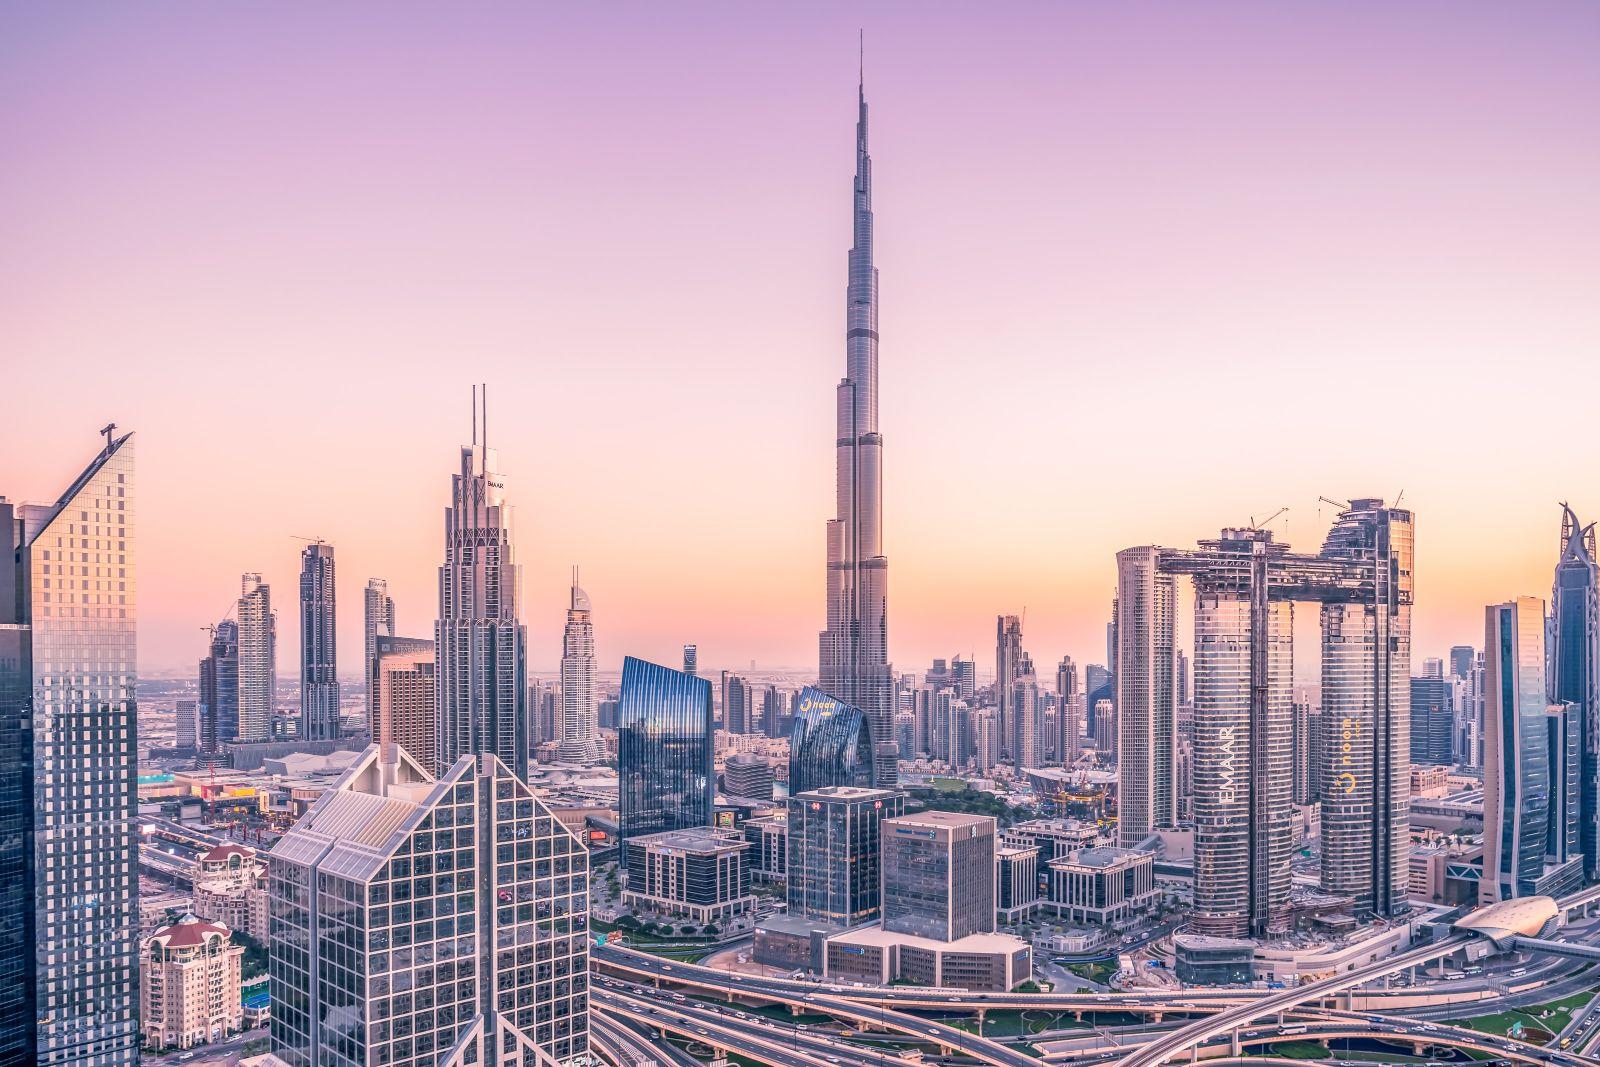 Dubai City Panoramic View